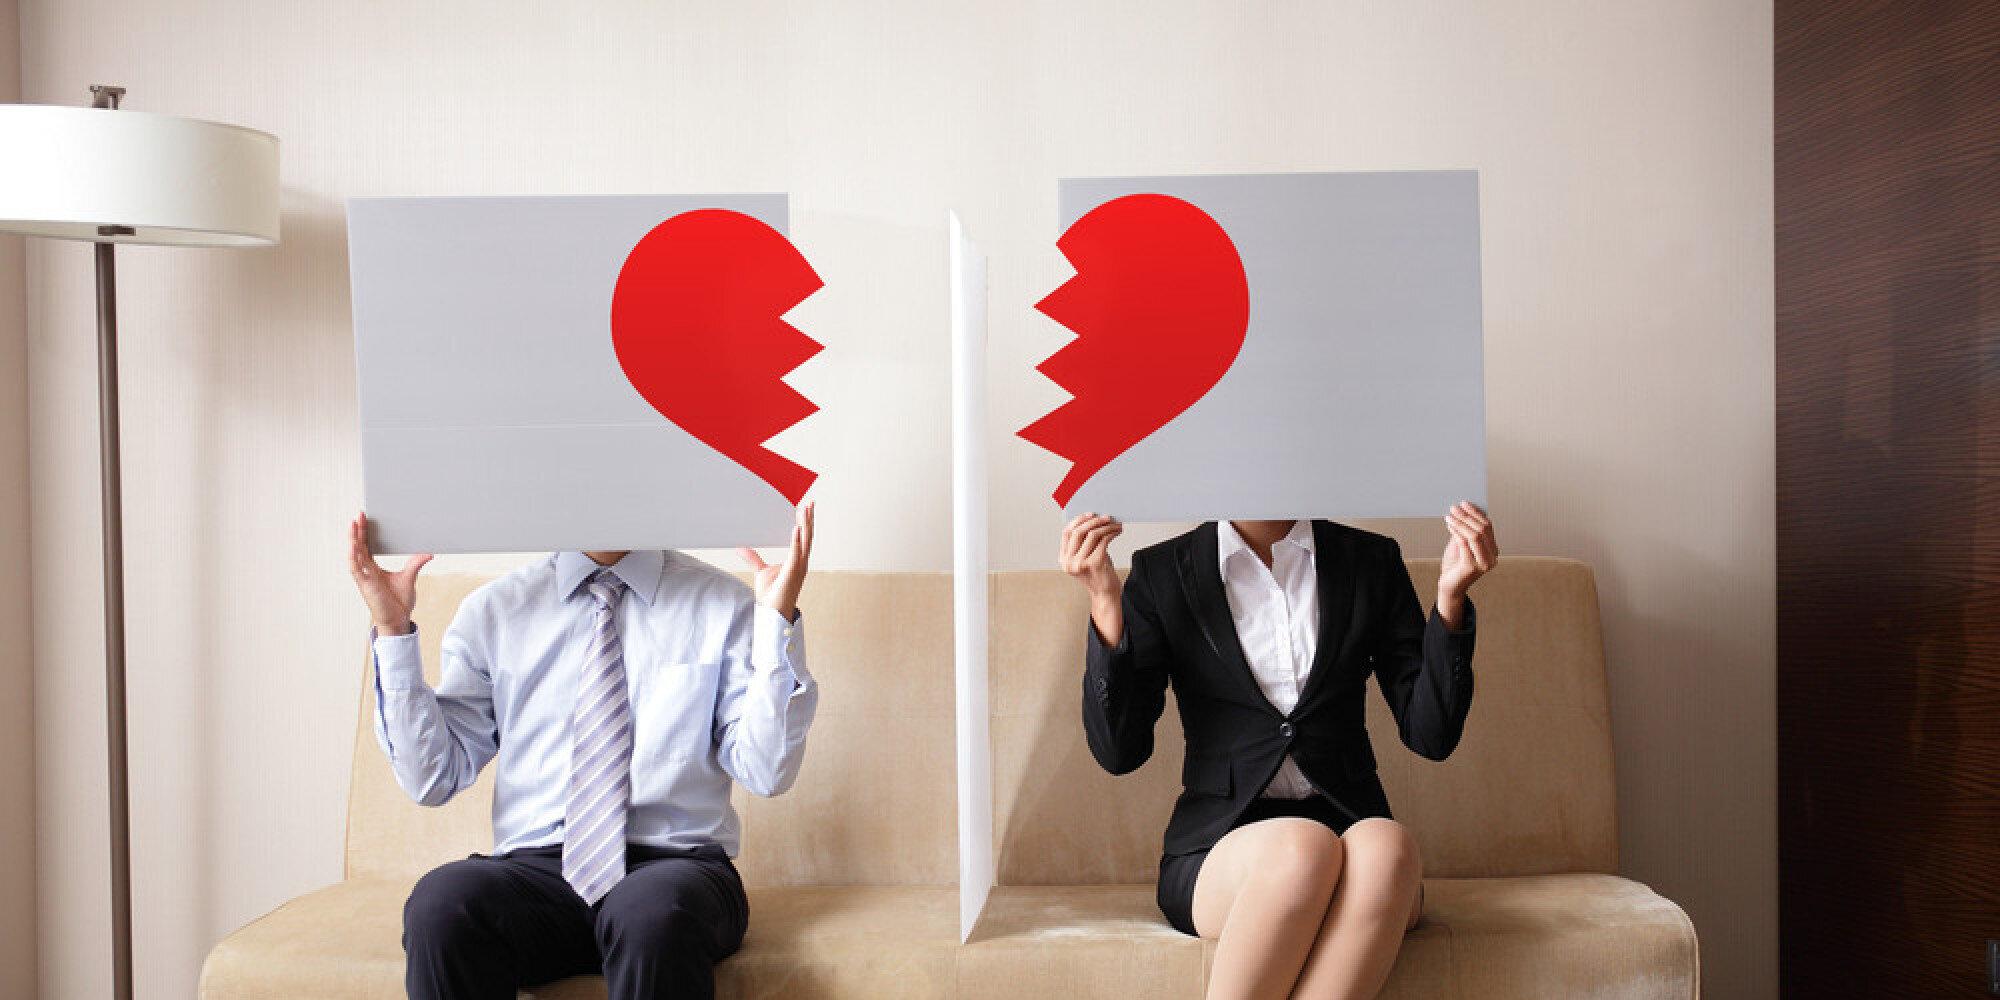 Πόσο καιρό να περιμένω πριν βγω ραντεβού μετά από ένα διαζύγιο